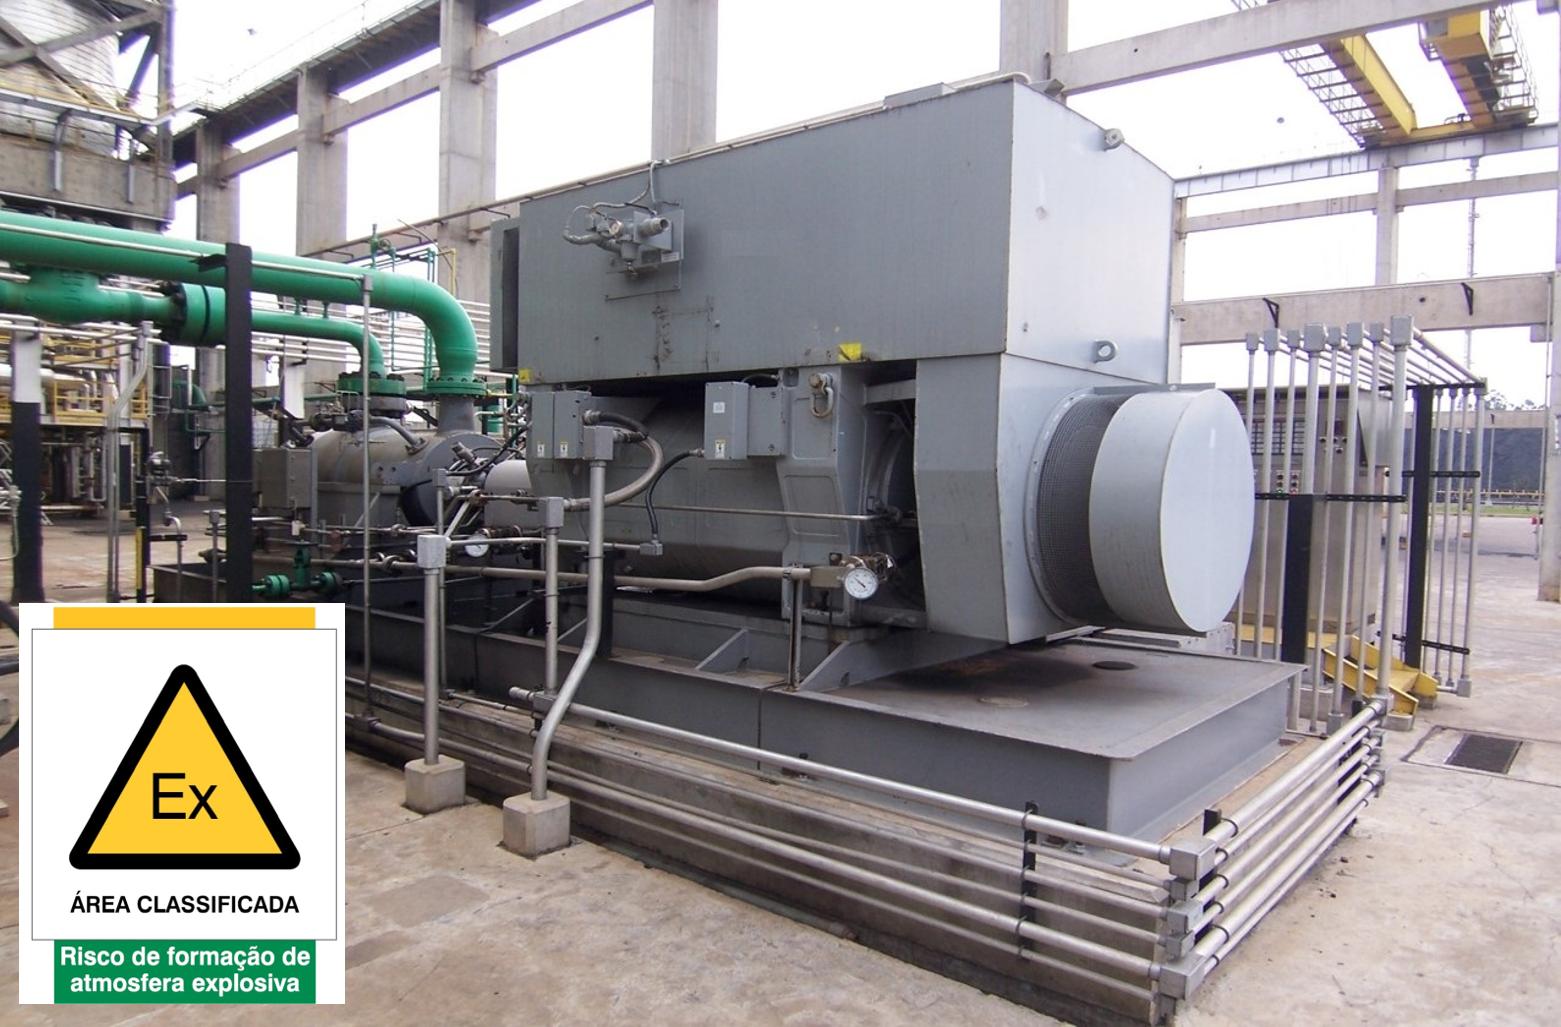 """Motor pressurizado Ex """"pzc"""" EPL Gc, com tensão nominal de 13.8 kV, instalado em Zona 2"""